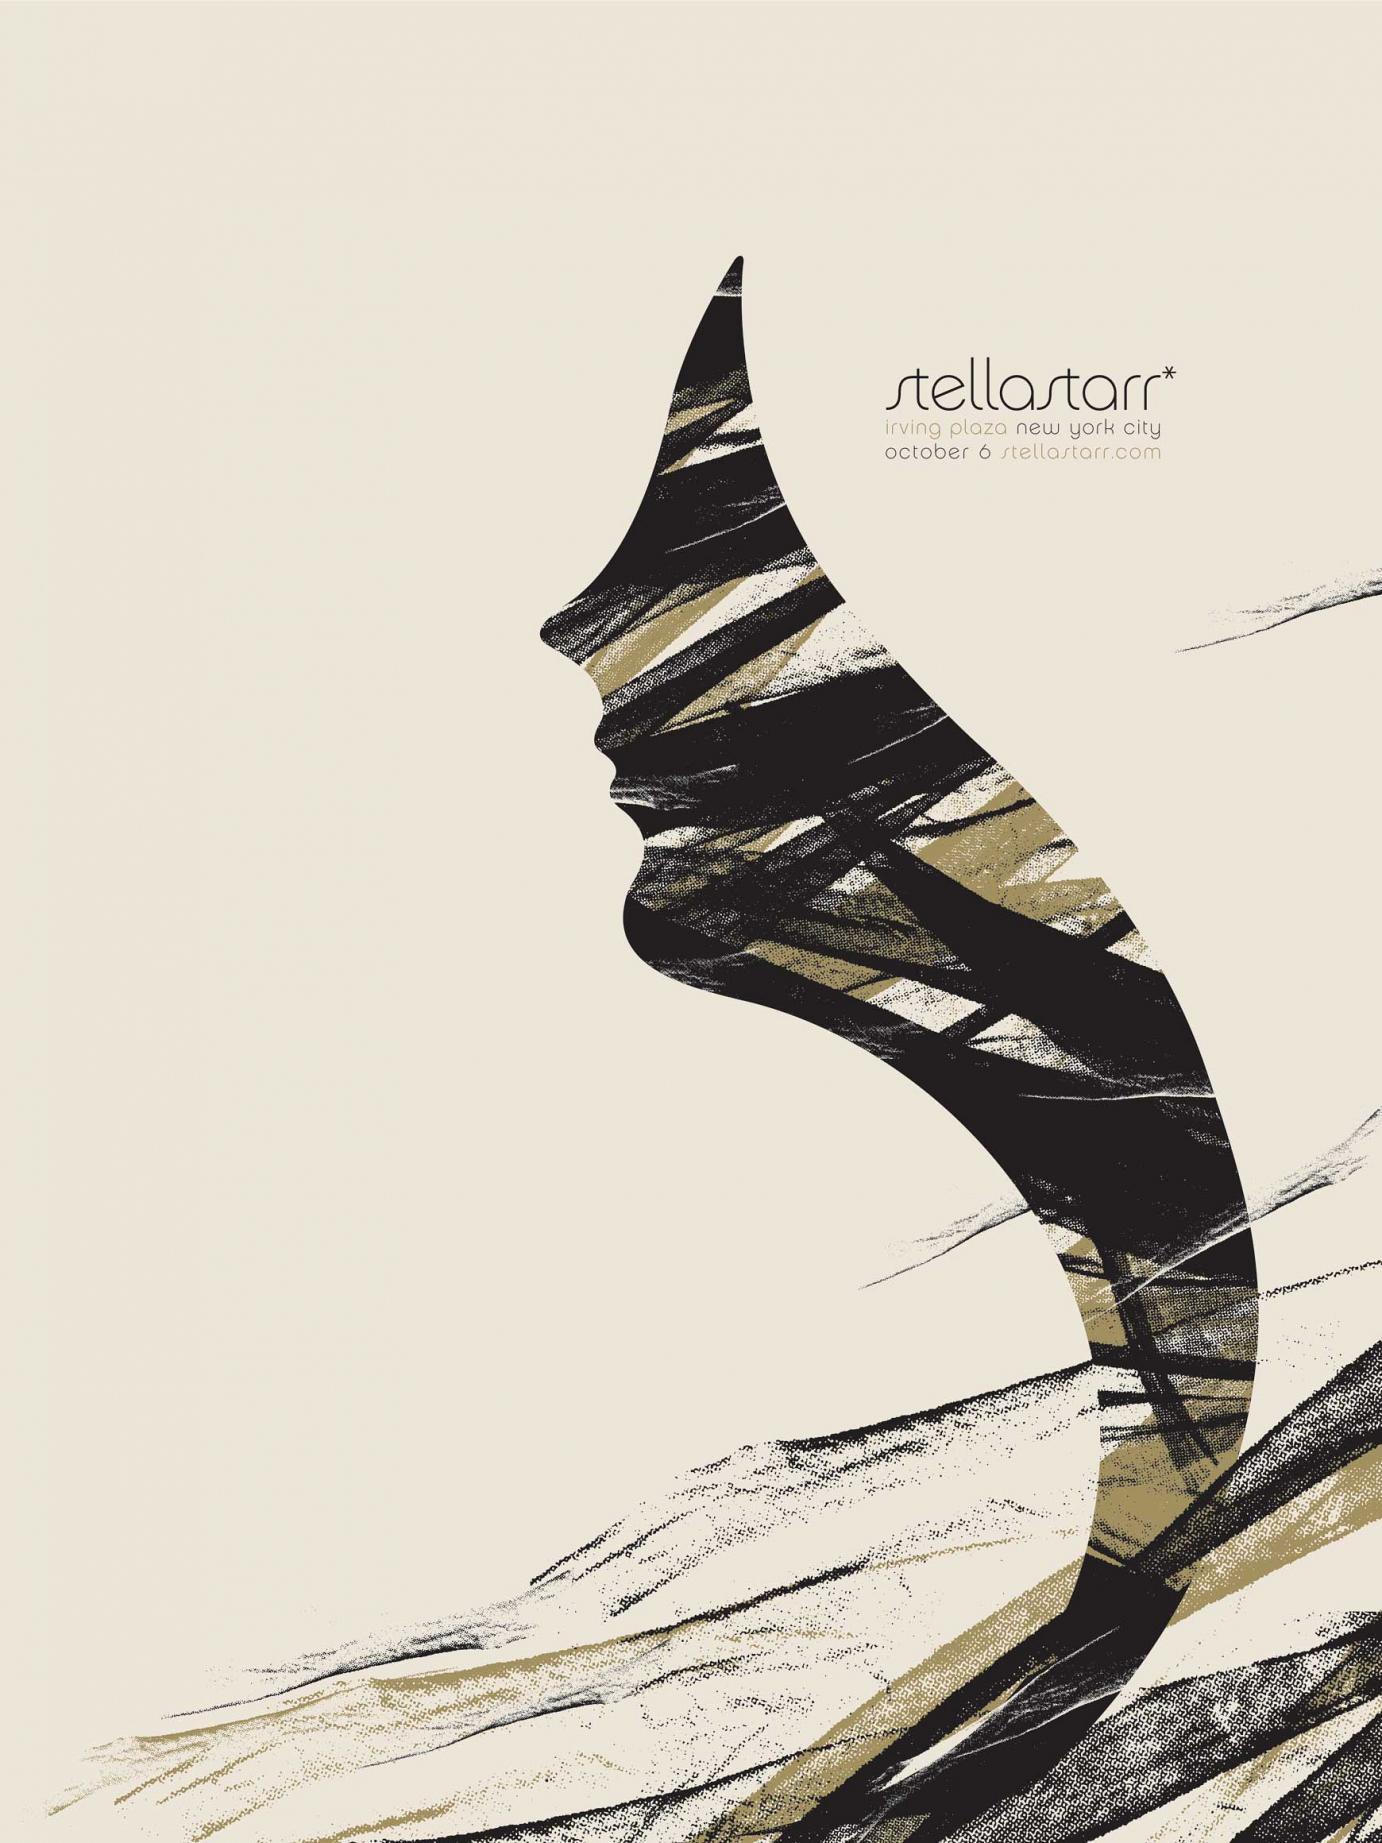 Stellastar | 45,7cm x 61cm | Siebdruck | Auflage: 50